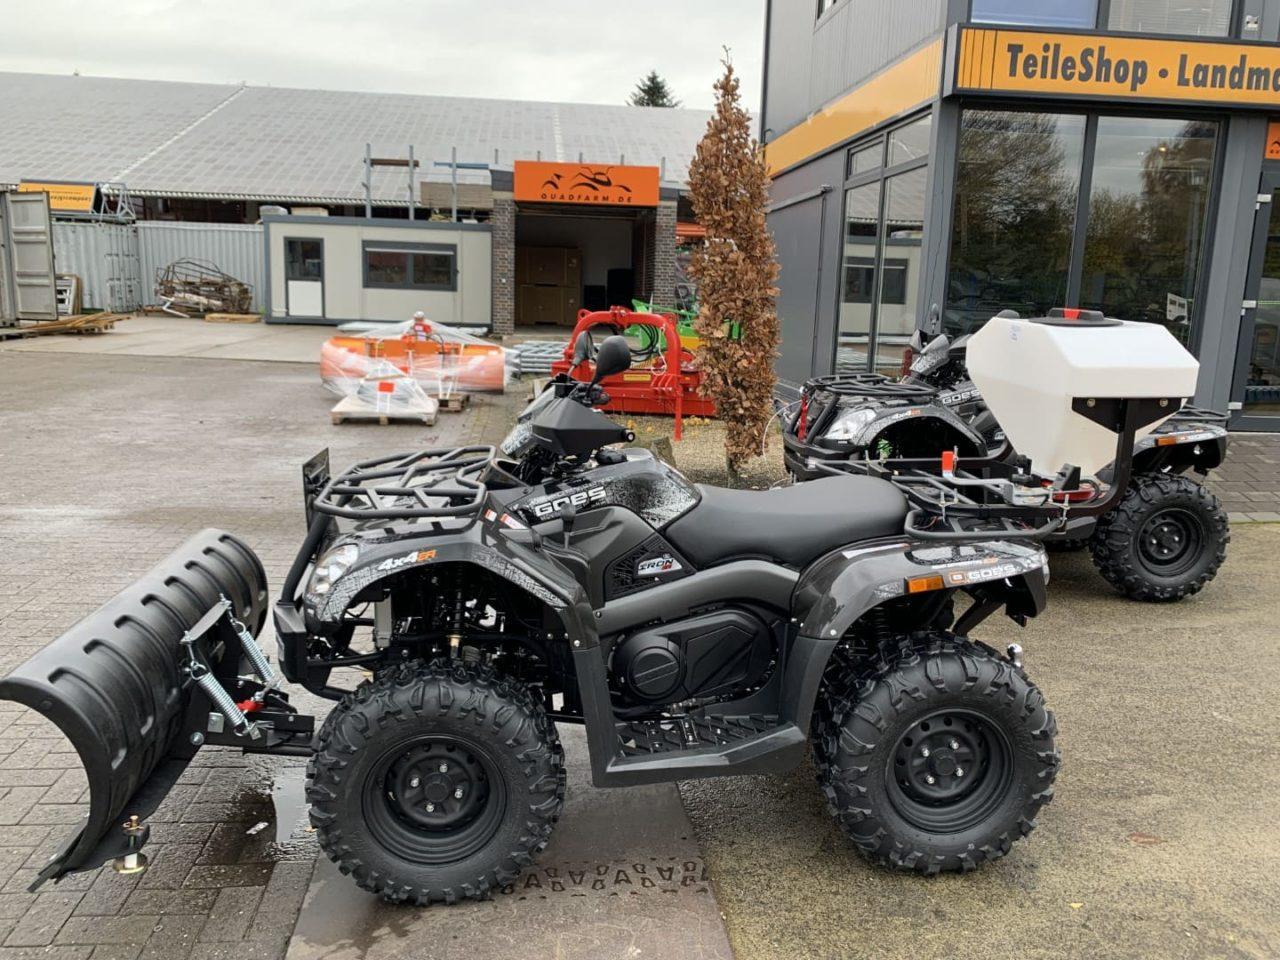 ATV / Quad GOES Iron, Allrad 27 PS, 400 ccm, Winterdienst, Zulassung